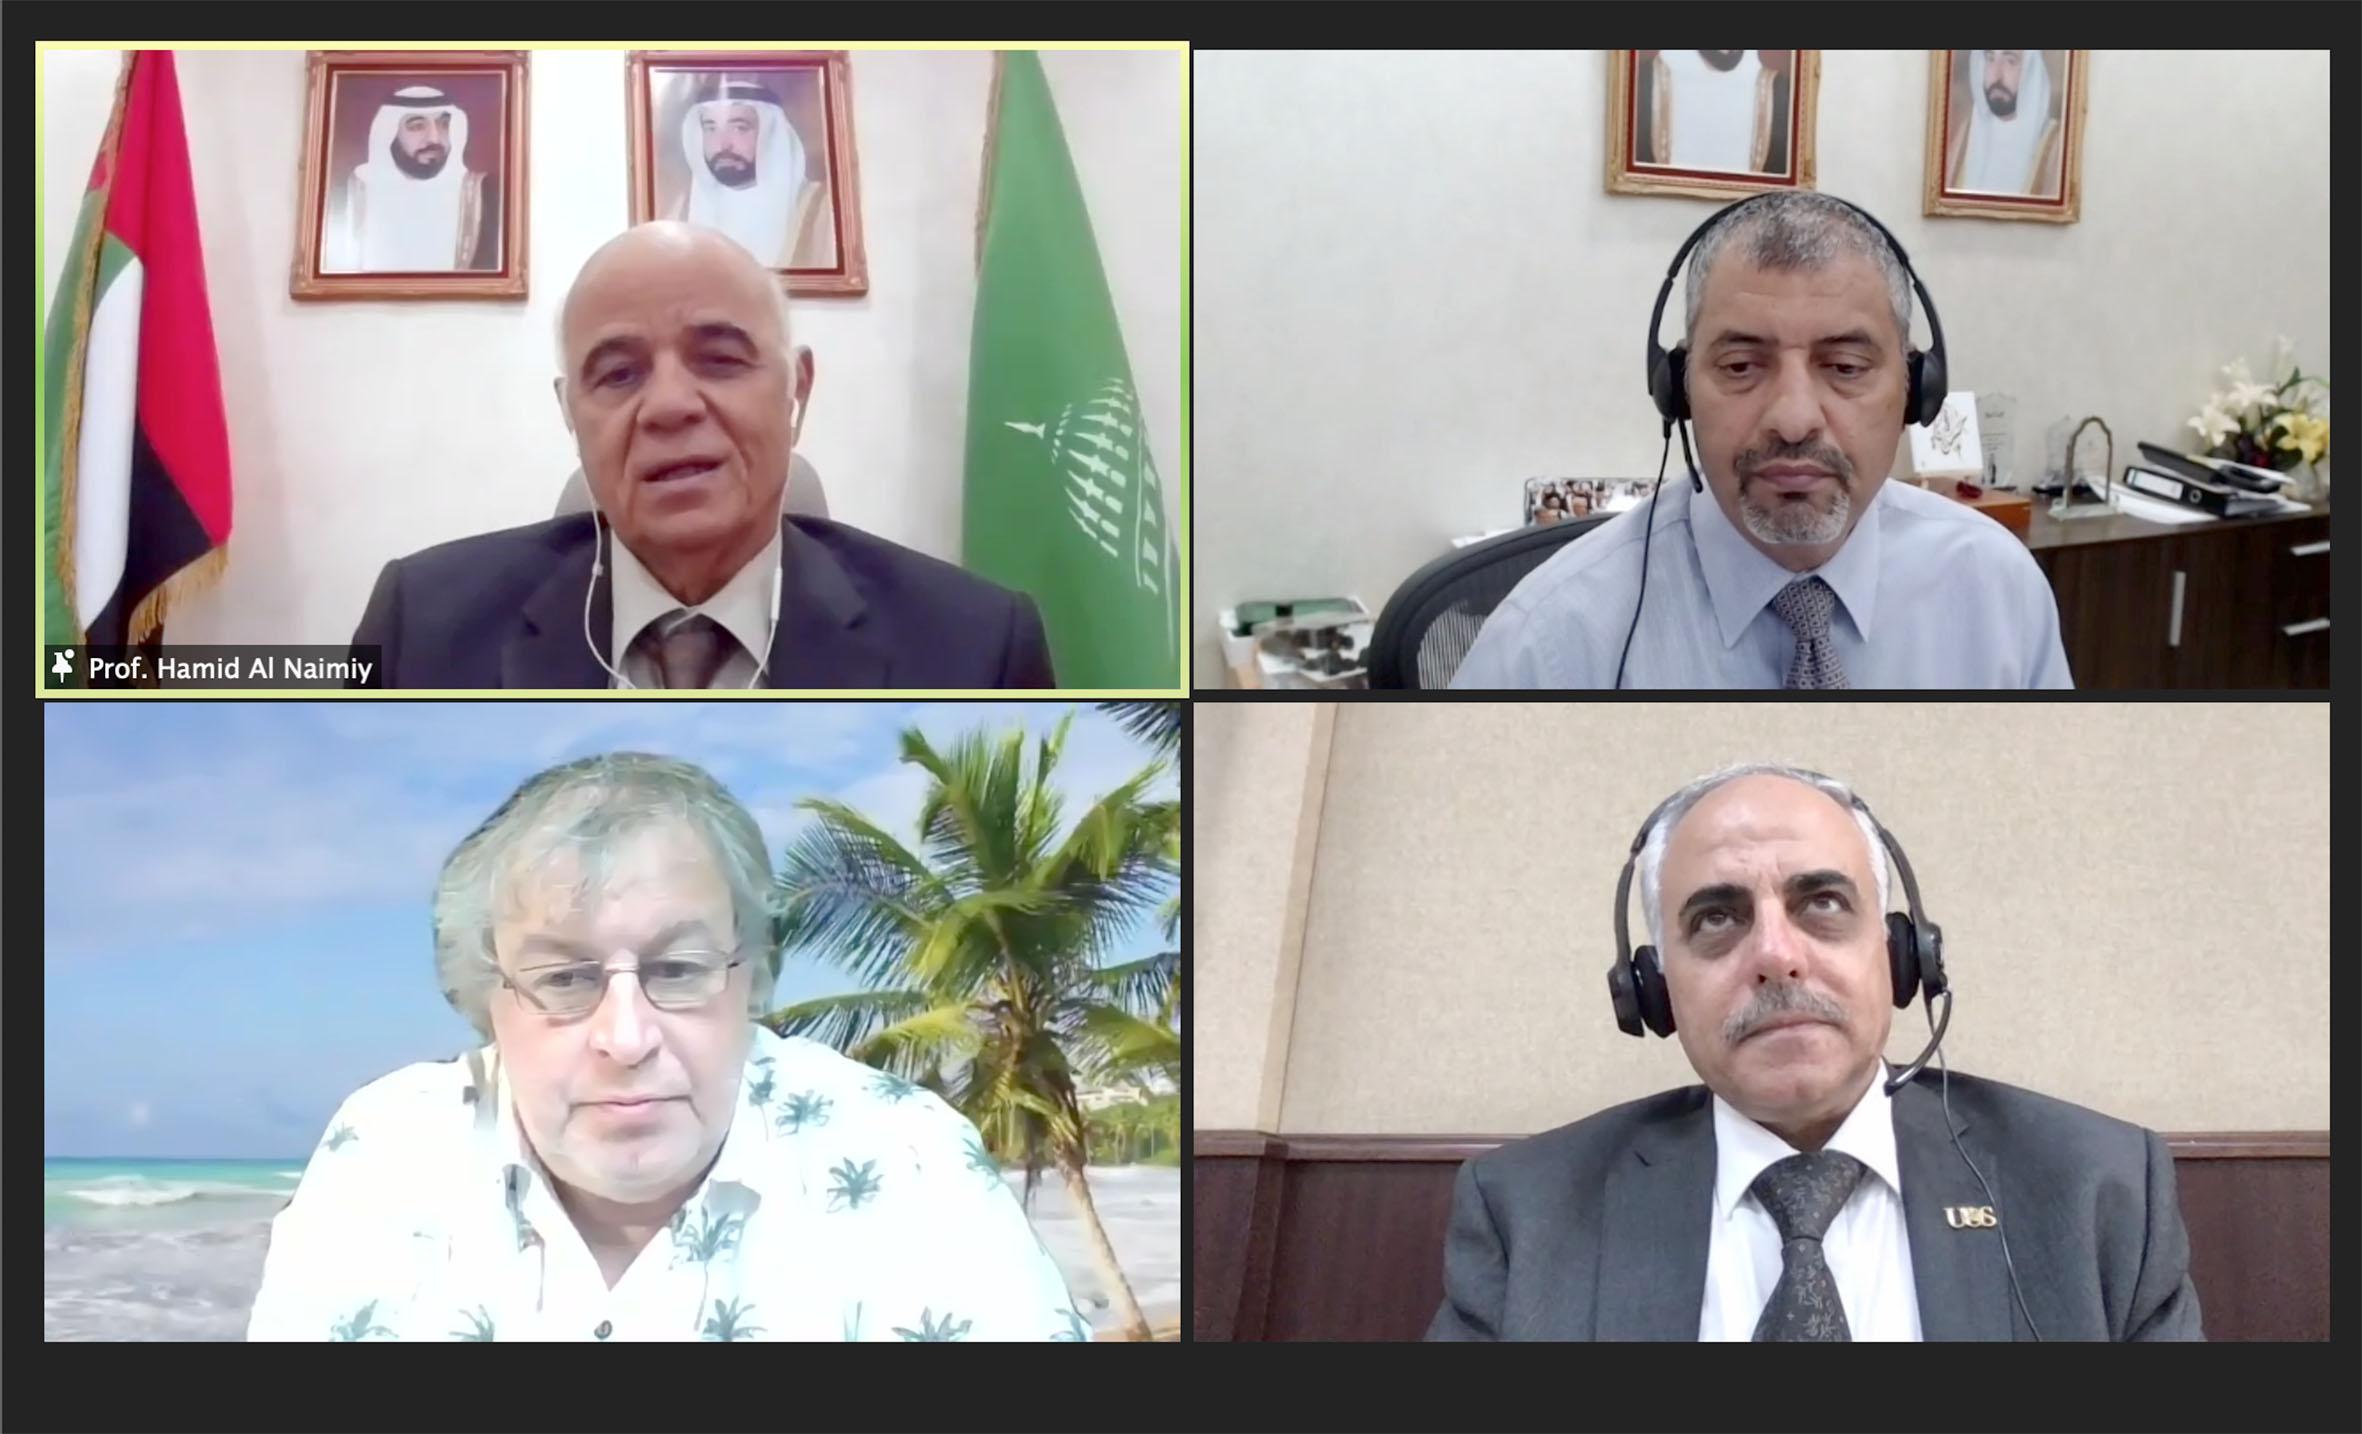 مؤتمر تاريخ العلوم عند العرب و المسـلمين يختتم فعالياته بالشارقة